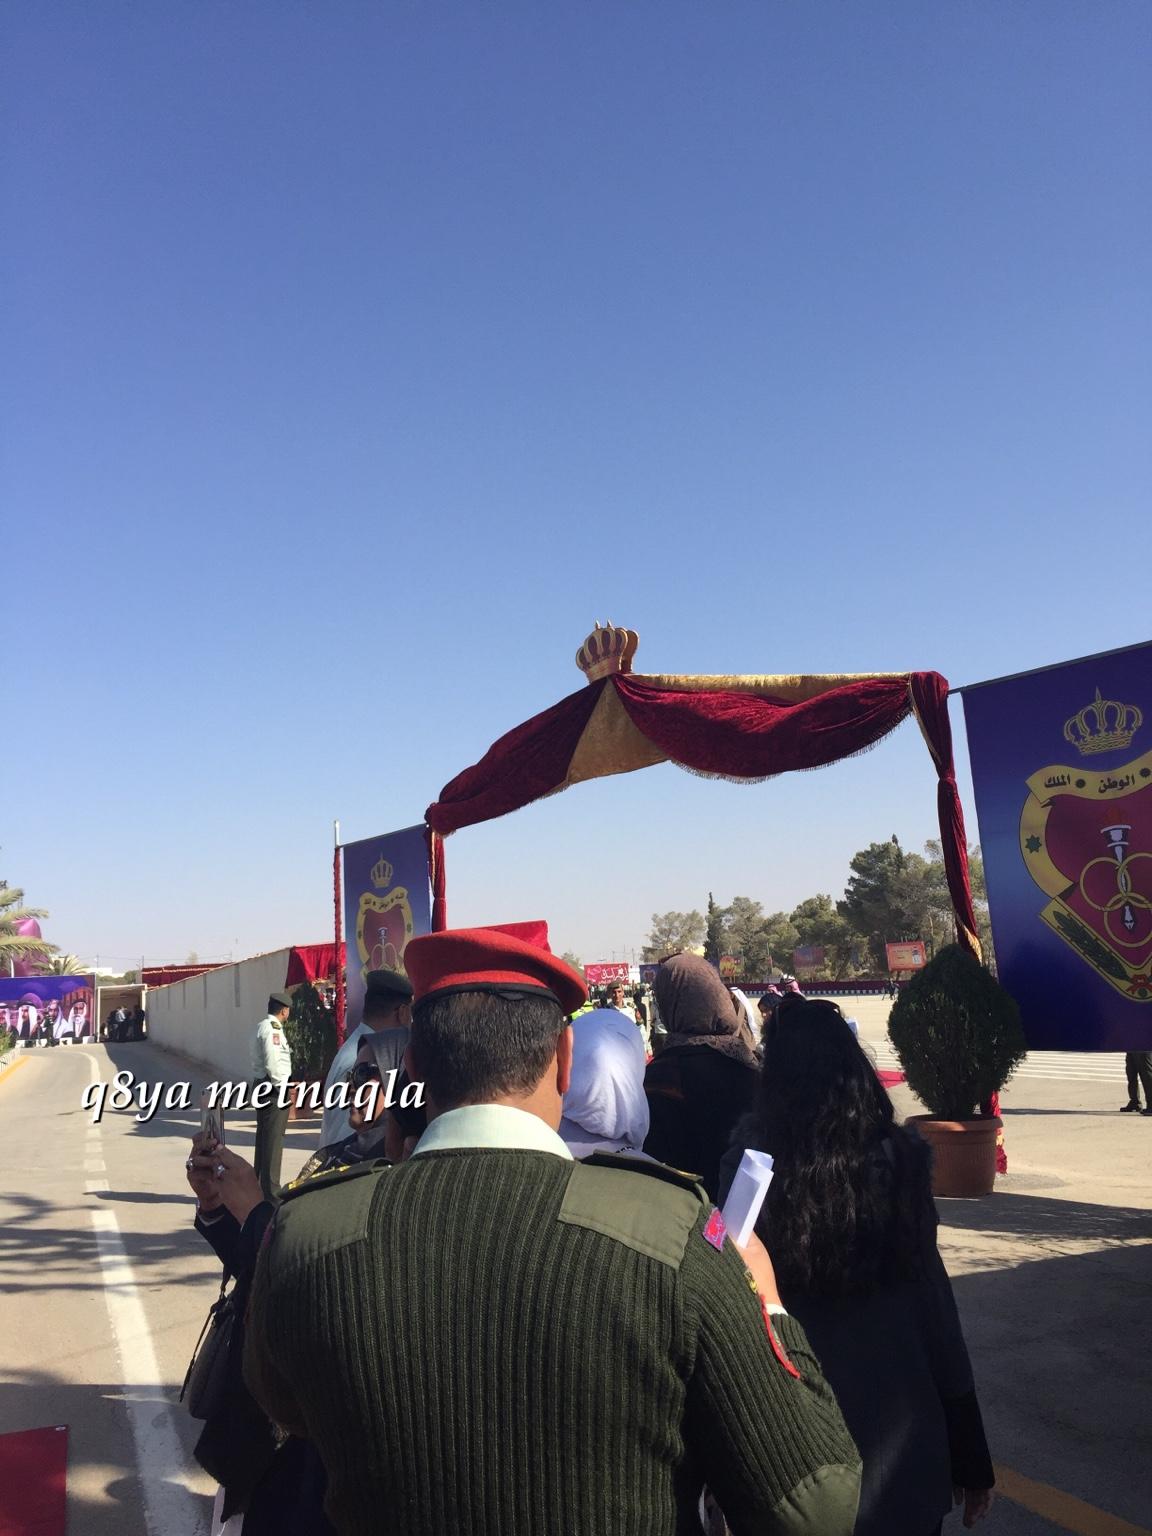 639377 المسافرون العرب ارض النشامى